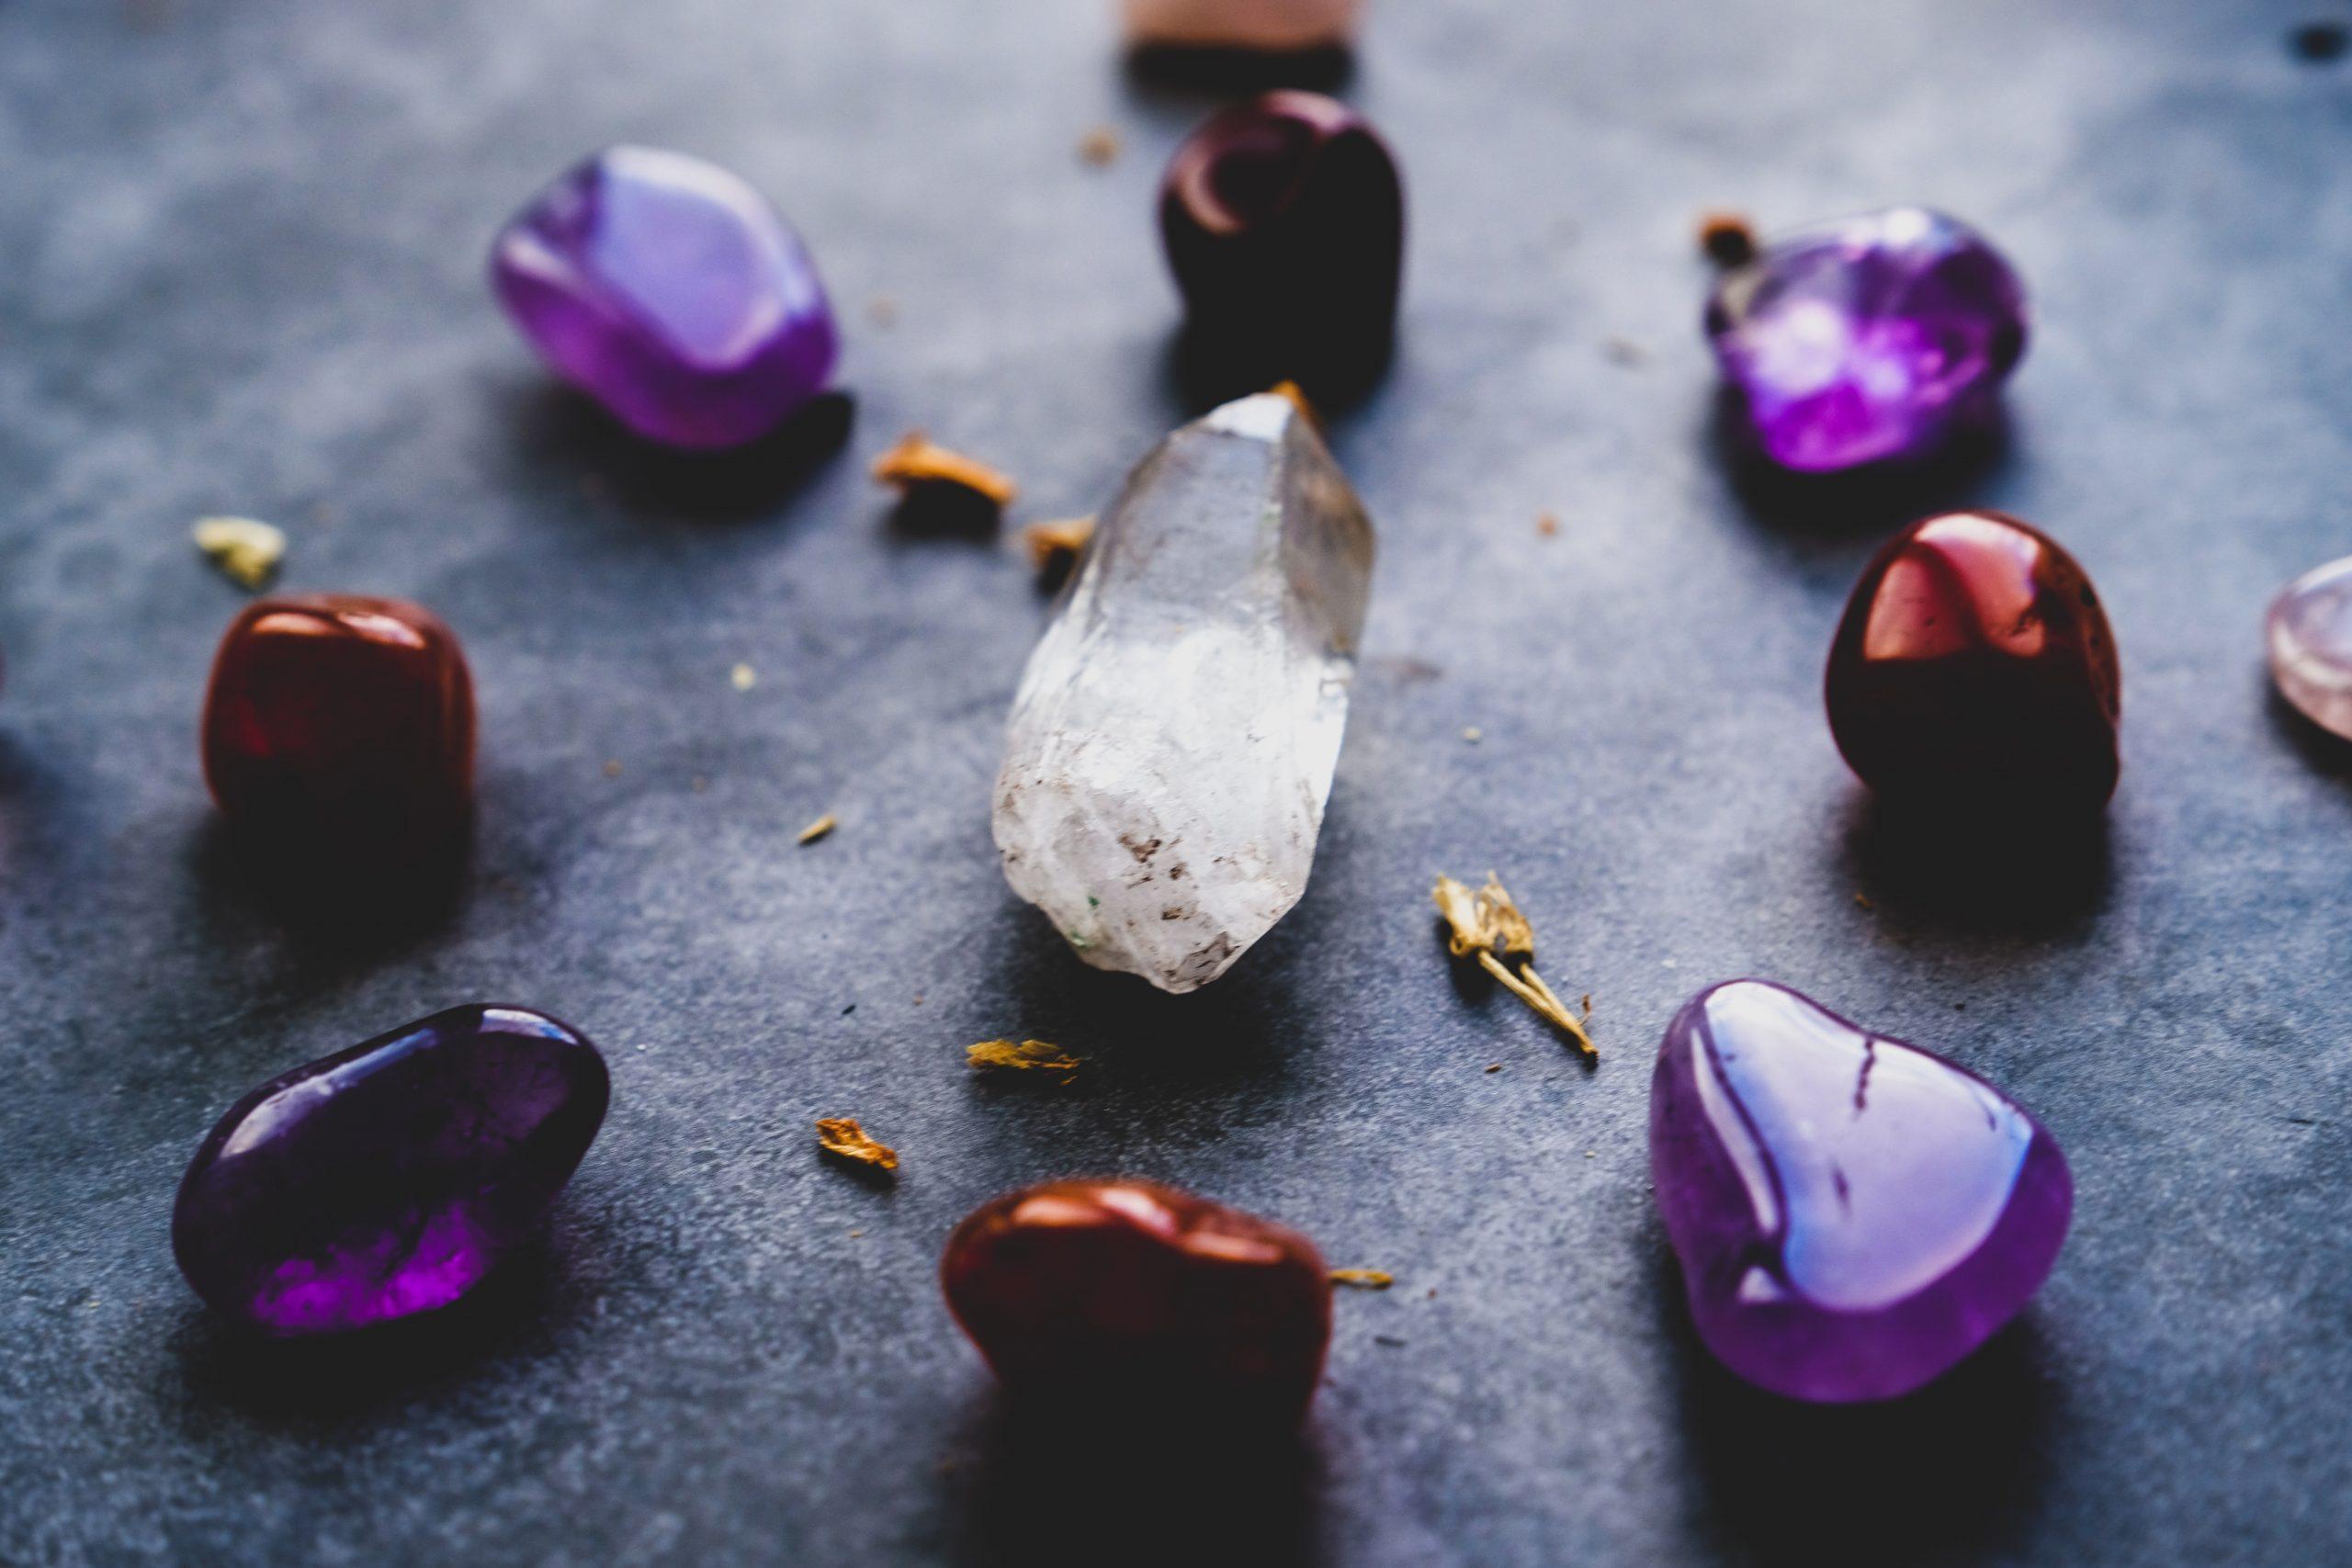 【無料占い】女性誌で絶大な人気を誇る占い師『水晶玉子』の鑑定が当たり過ぎる!